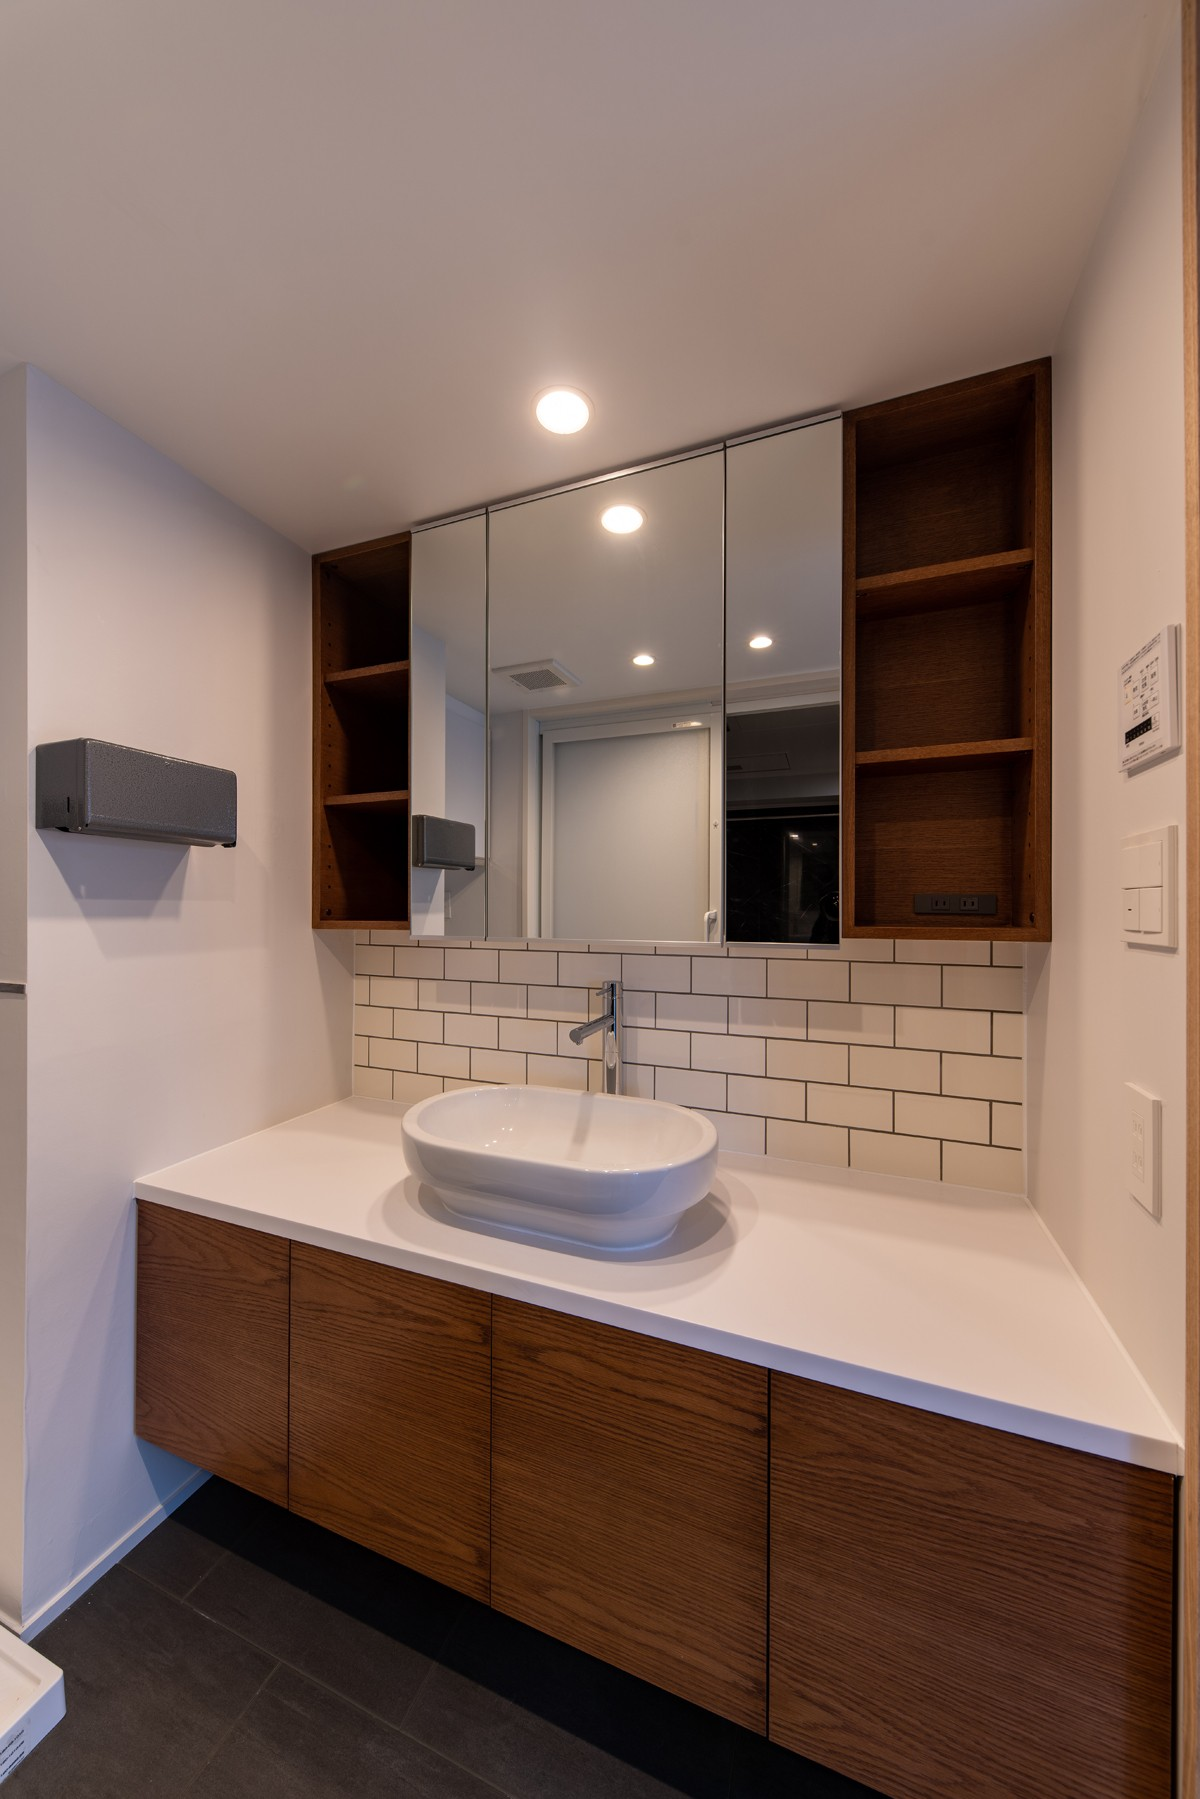 バス/トイレ事例:フロート洗面台(パノラマLDK12400)